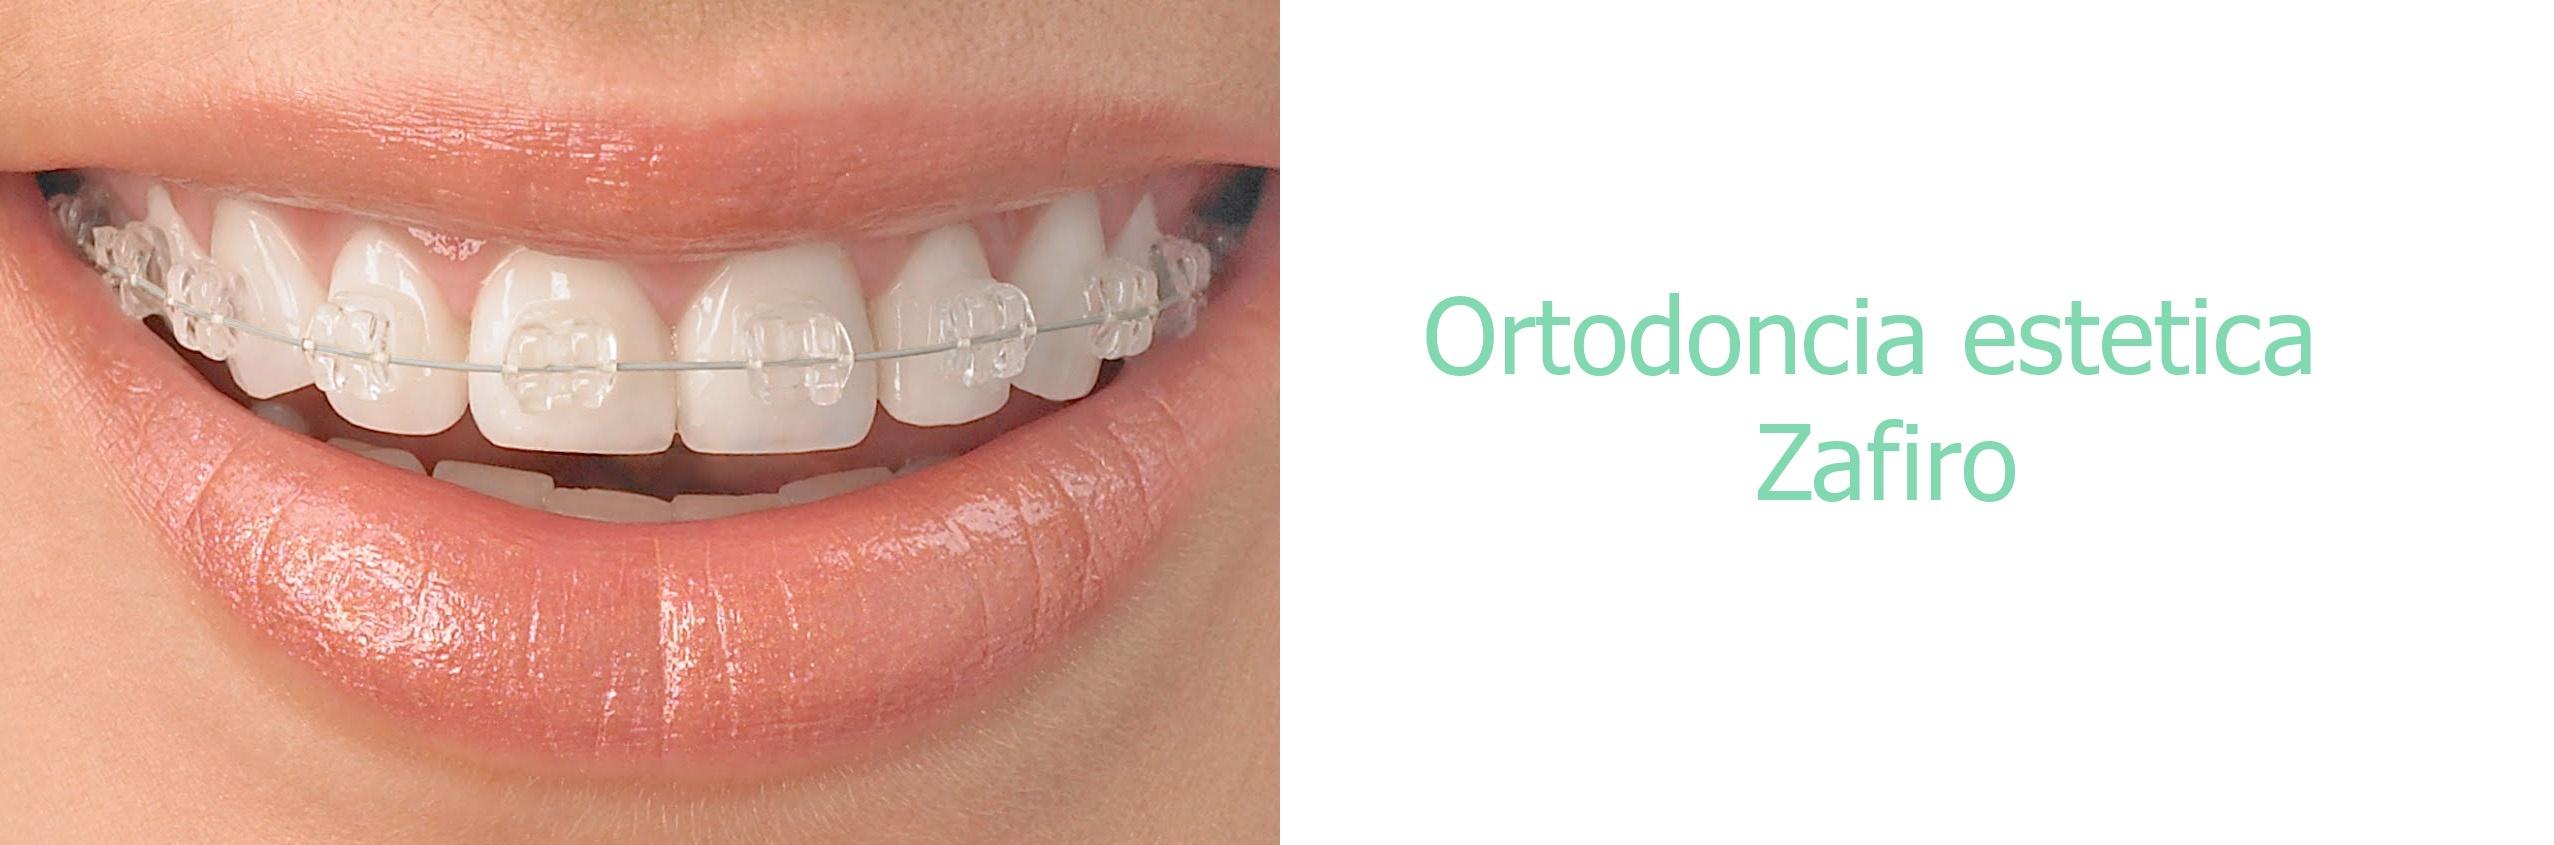 ORTODONCIA DE ZAFIRO La ortodoncia de zafiro es uno de los  tratamientos estéticos que sobresalen por su máxima  calidad y estética en ortodoncia.